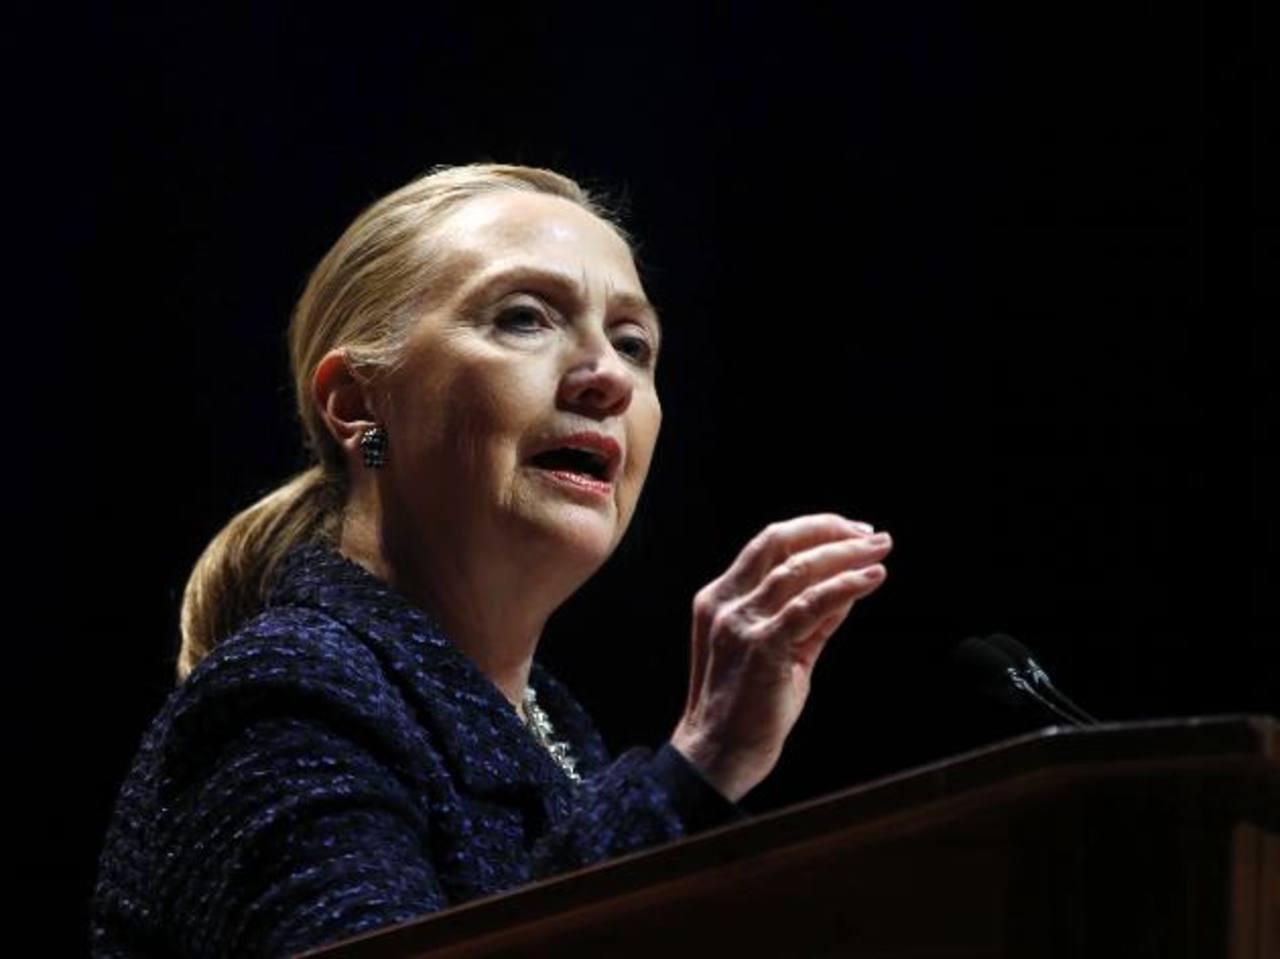 La secretaria de Estado, Hillary Clinton, de 65 años, efectúa progresos excelentes y está de buen ánimo, indicaron los médicos.